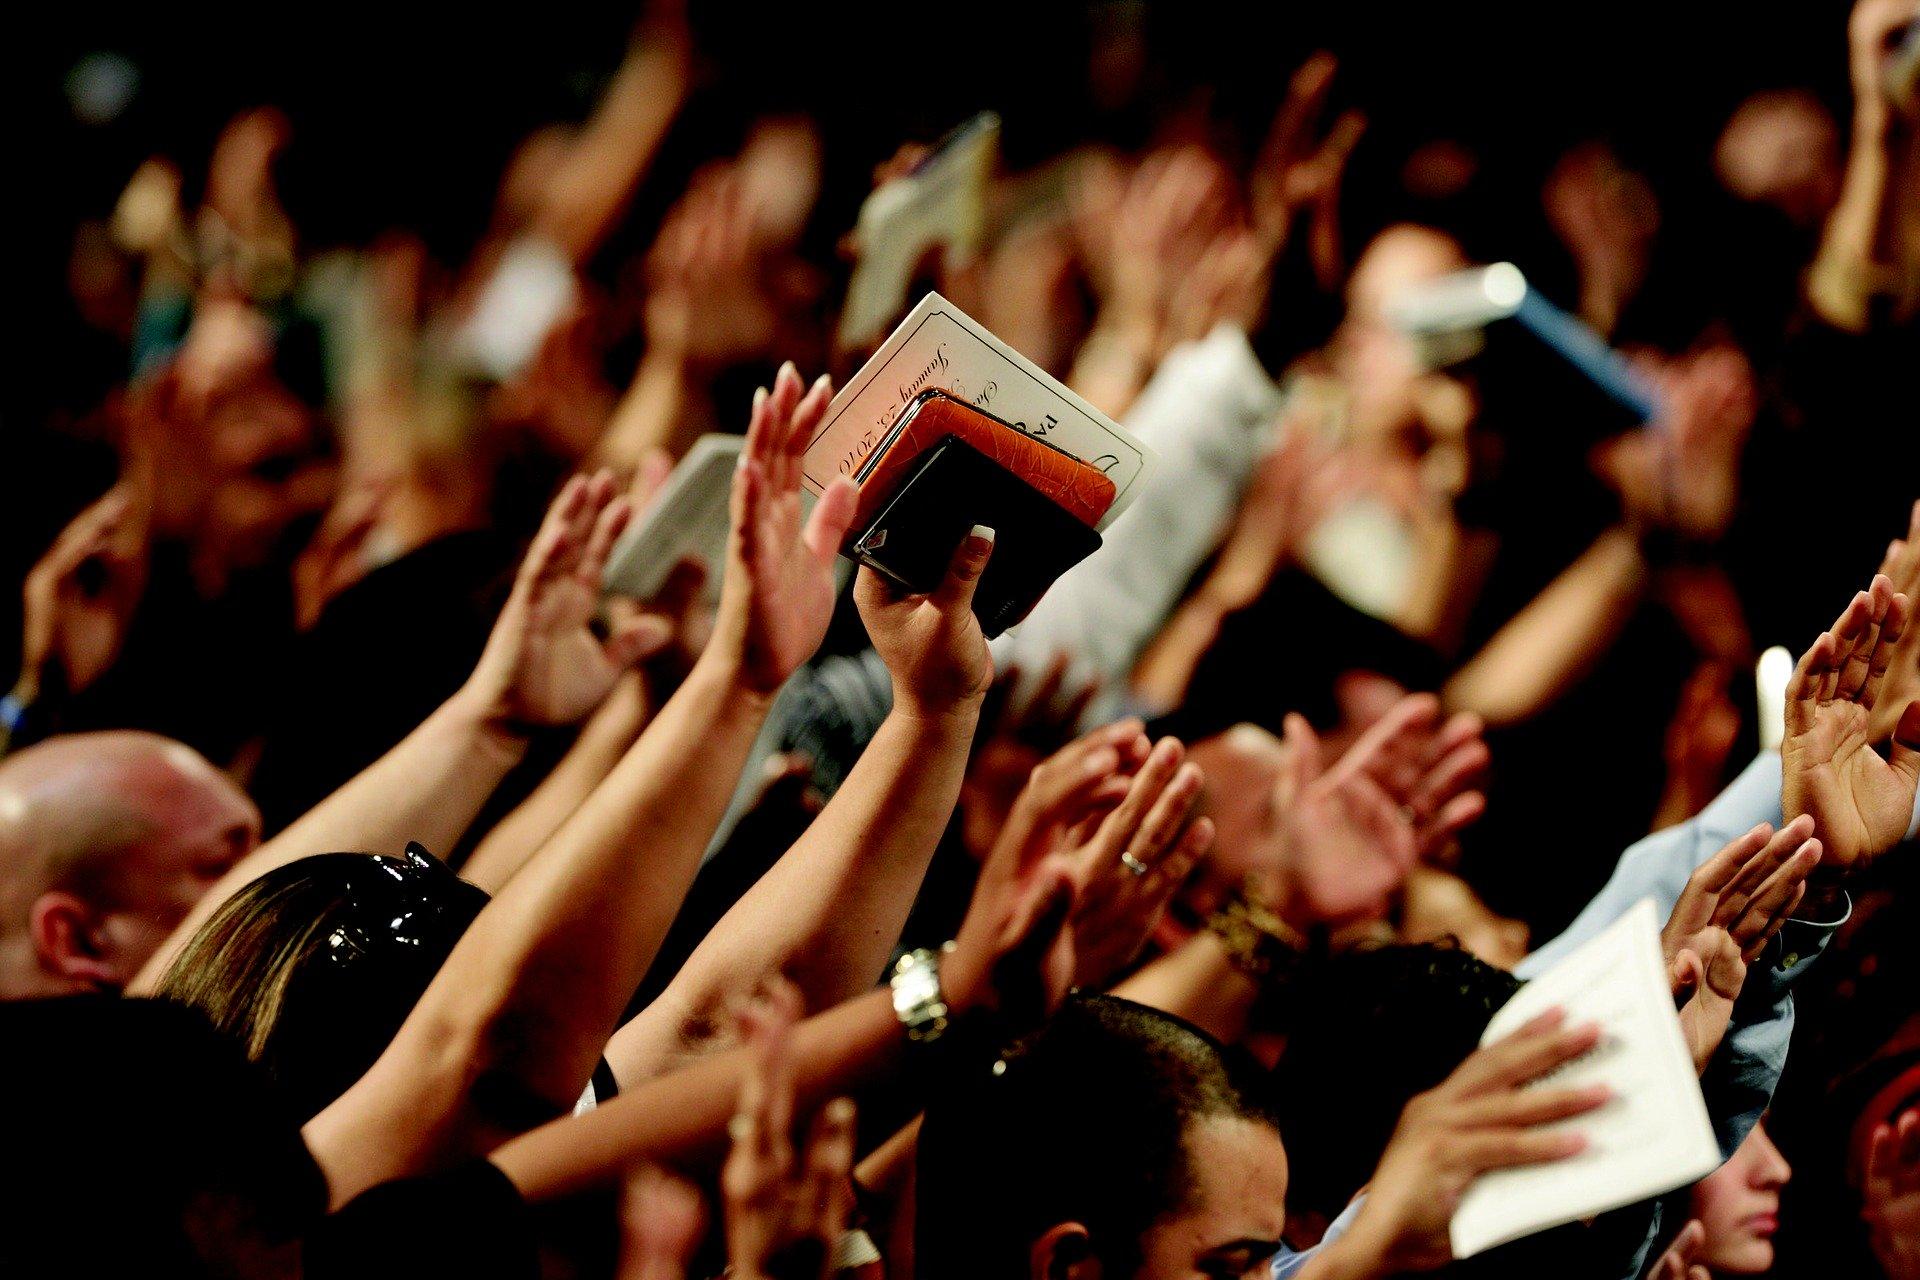 Evangélicos em culto/ Crédito: Pixabay